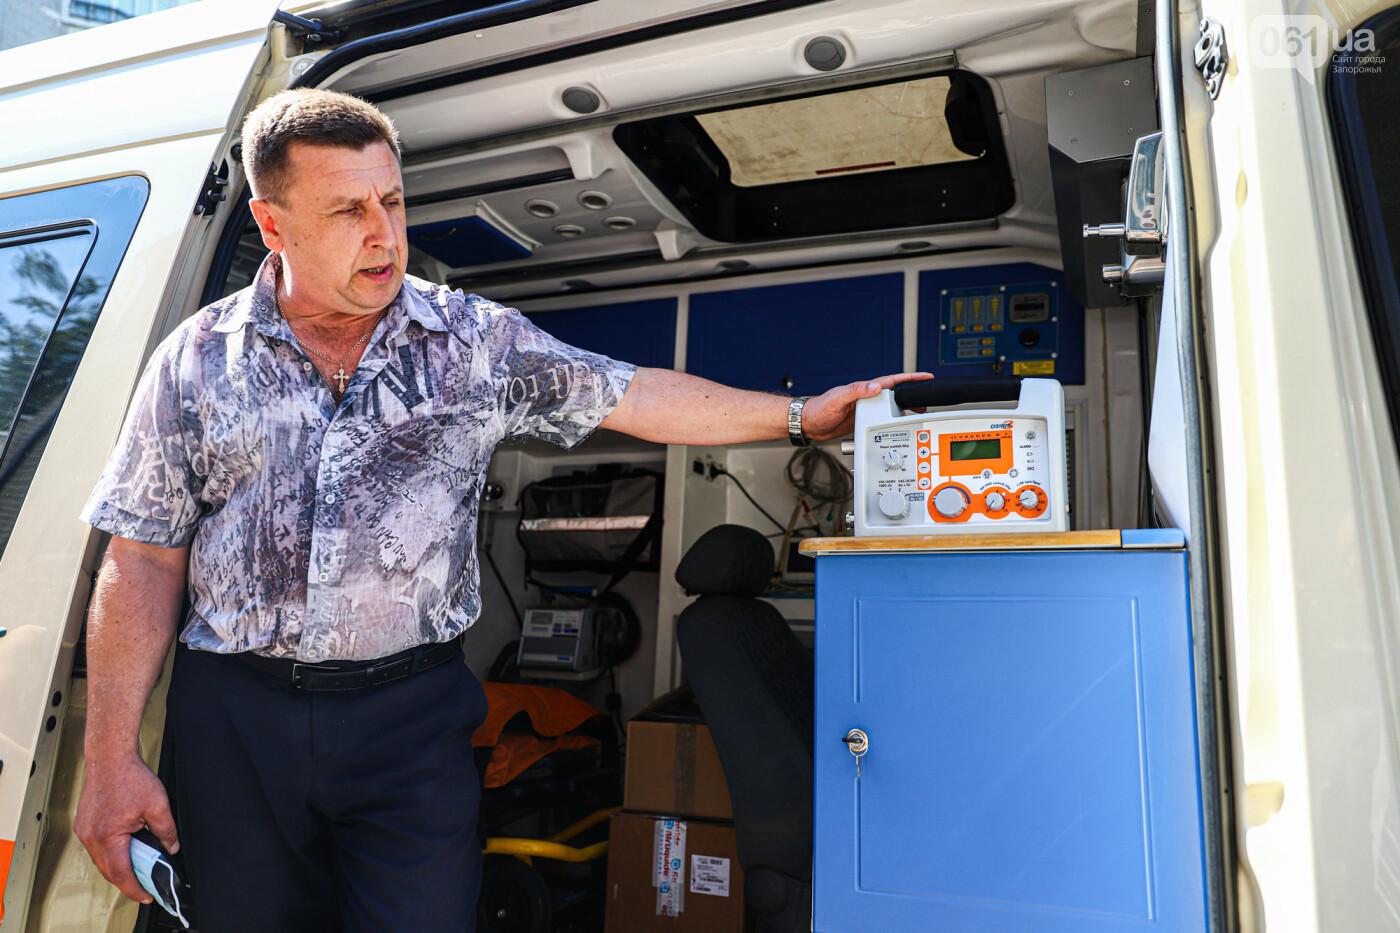 Запорожские медики скорой помощи получили транспортный аппарат ИВЛ стоимостью 200 тысяч гривен, - ФОТО, фото-1